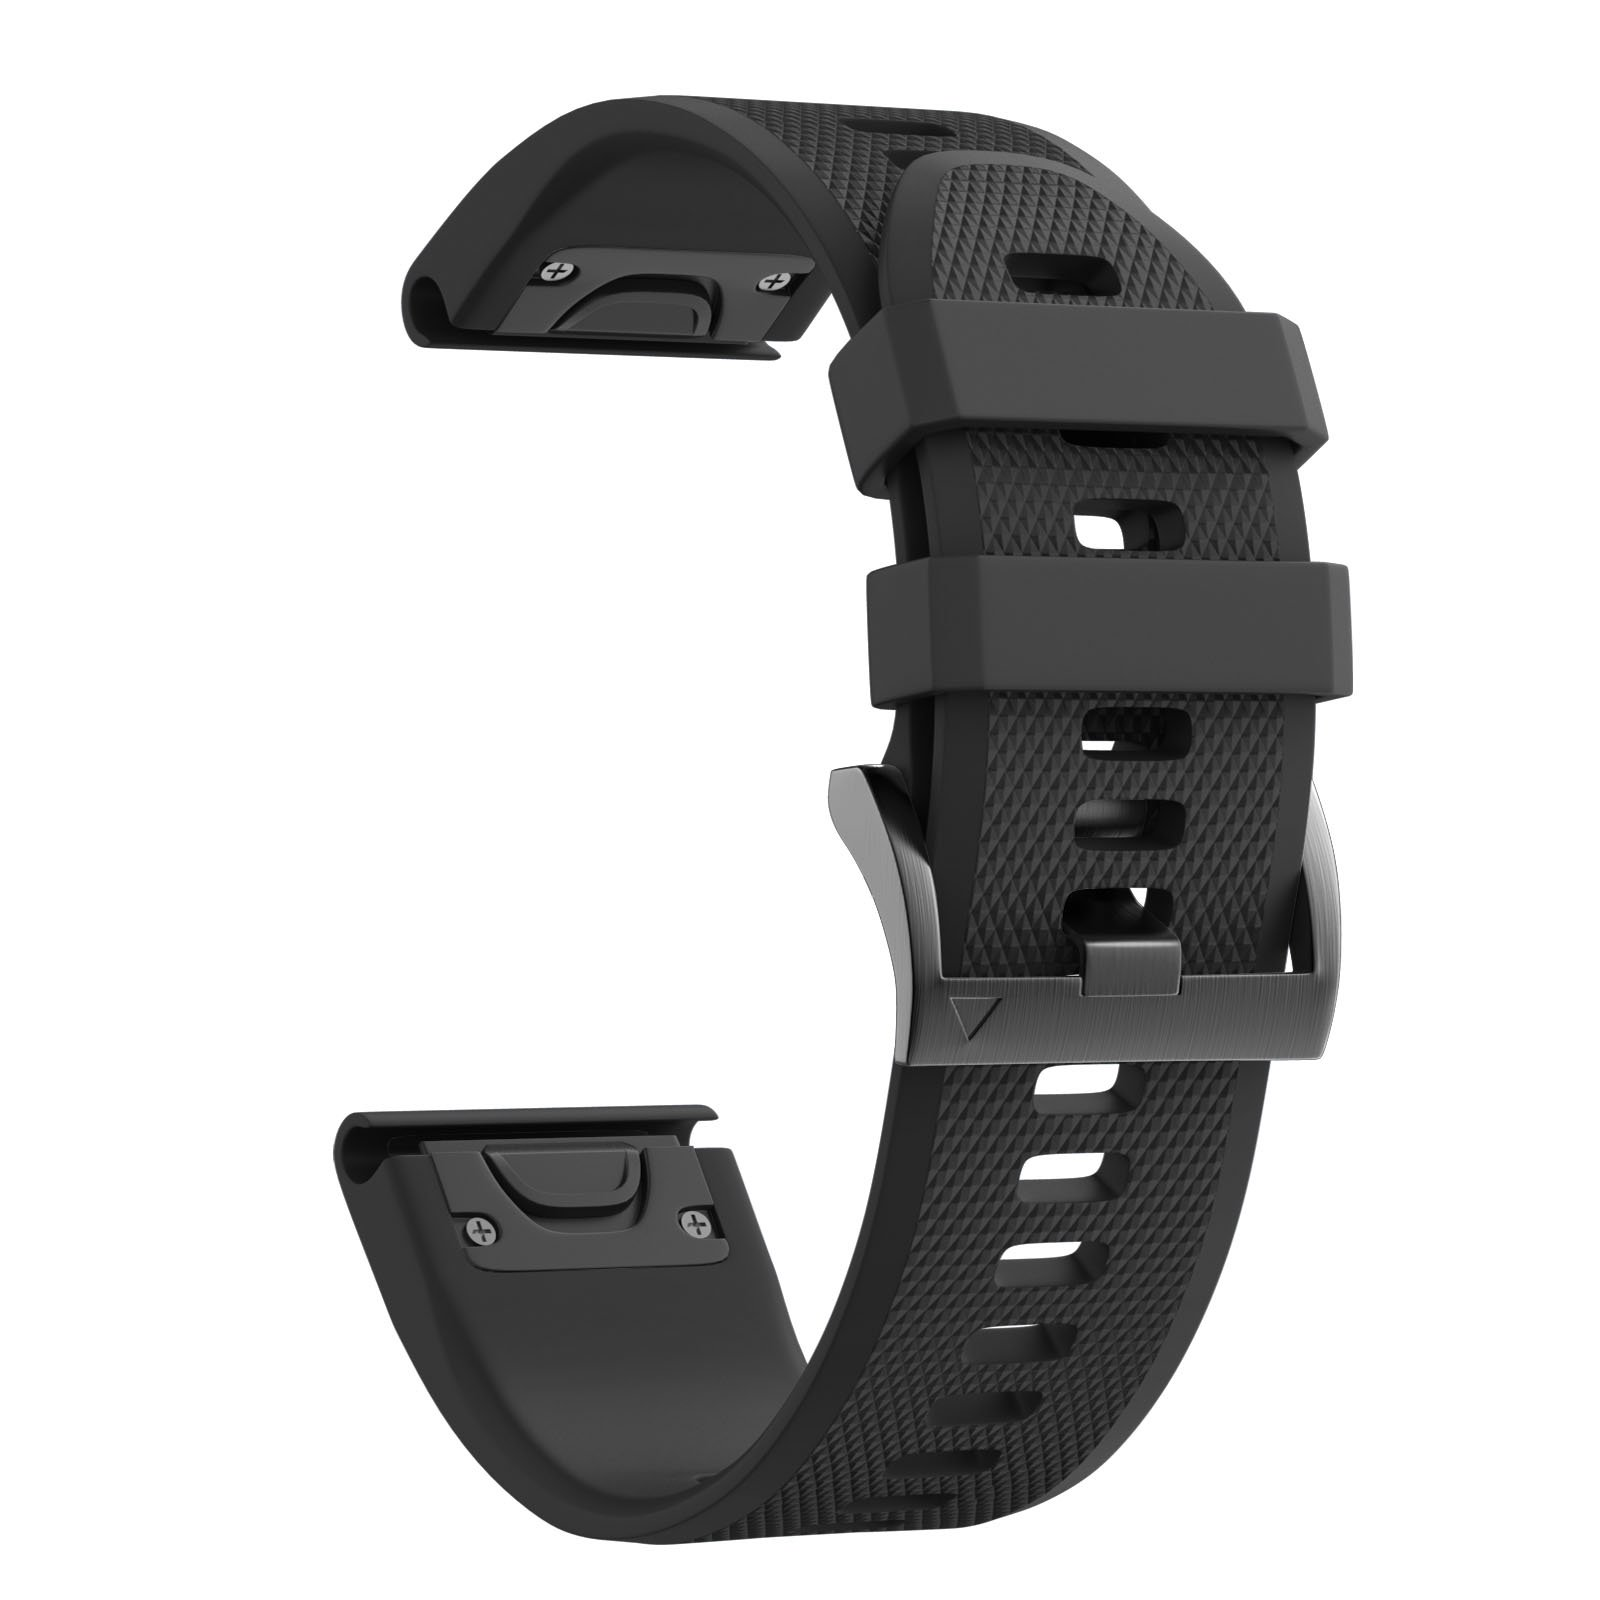 ANCOOL for Garmin Fenix 5 Band Easy Fit 22mm Width Soft Silicone Watch Strap for Garmin Fenix 5/Fenix 5 Plus/Forerunner 935/Approach S60/Quatix 5 [NOT for Fenix 5X] - Black